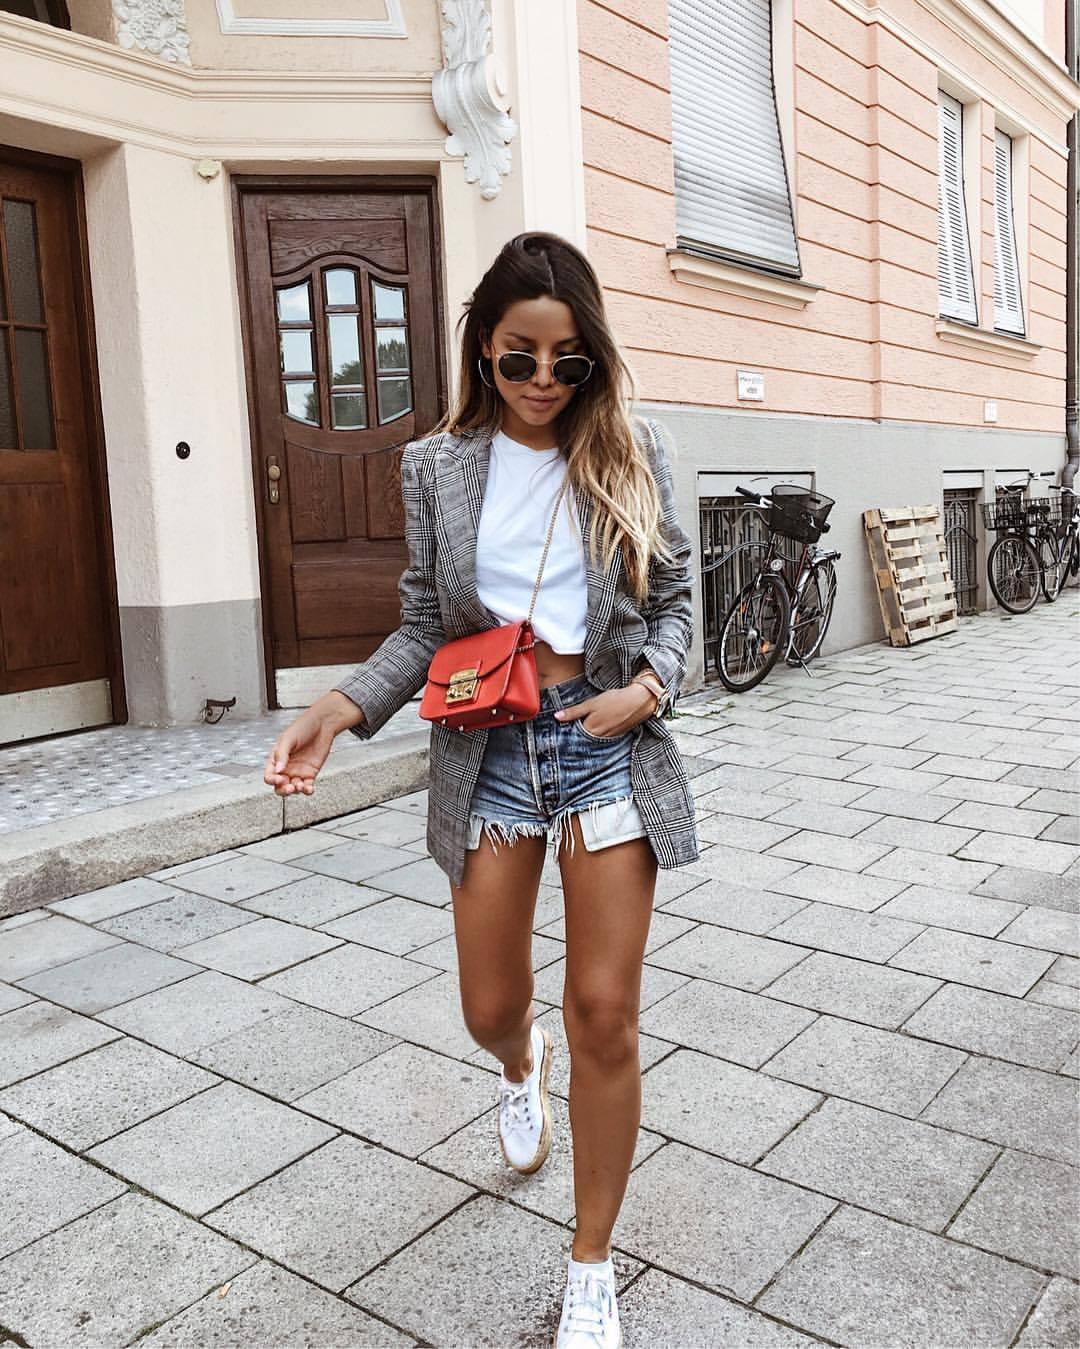 3-ne-propushtajte-da-ja-isprobate-najpopularnata-modna-kombinacija-za-premina-na-sezonata-www.kafepauza.mk_